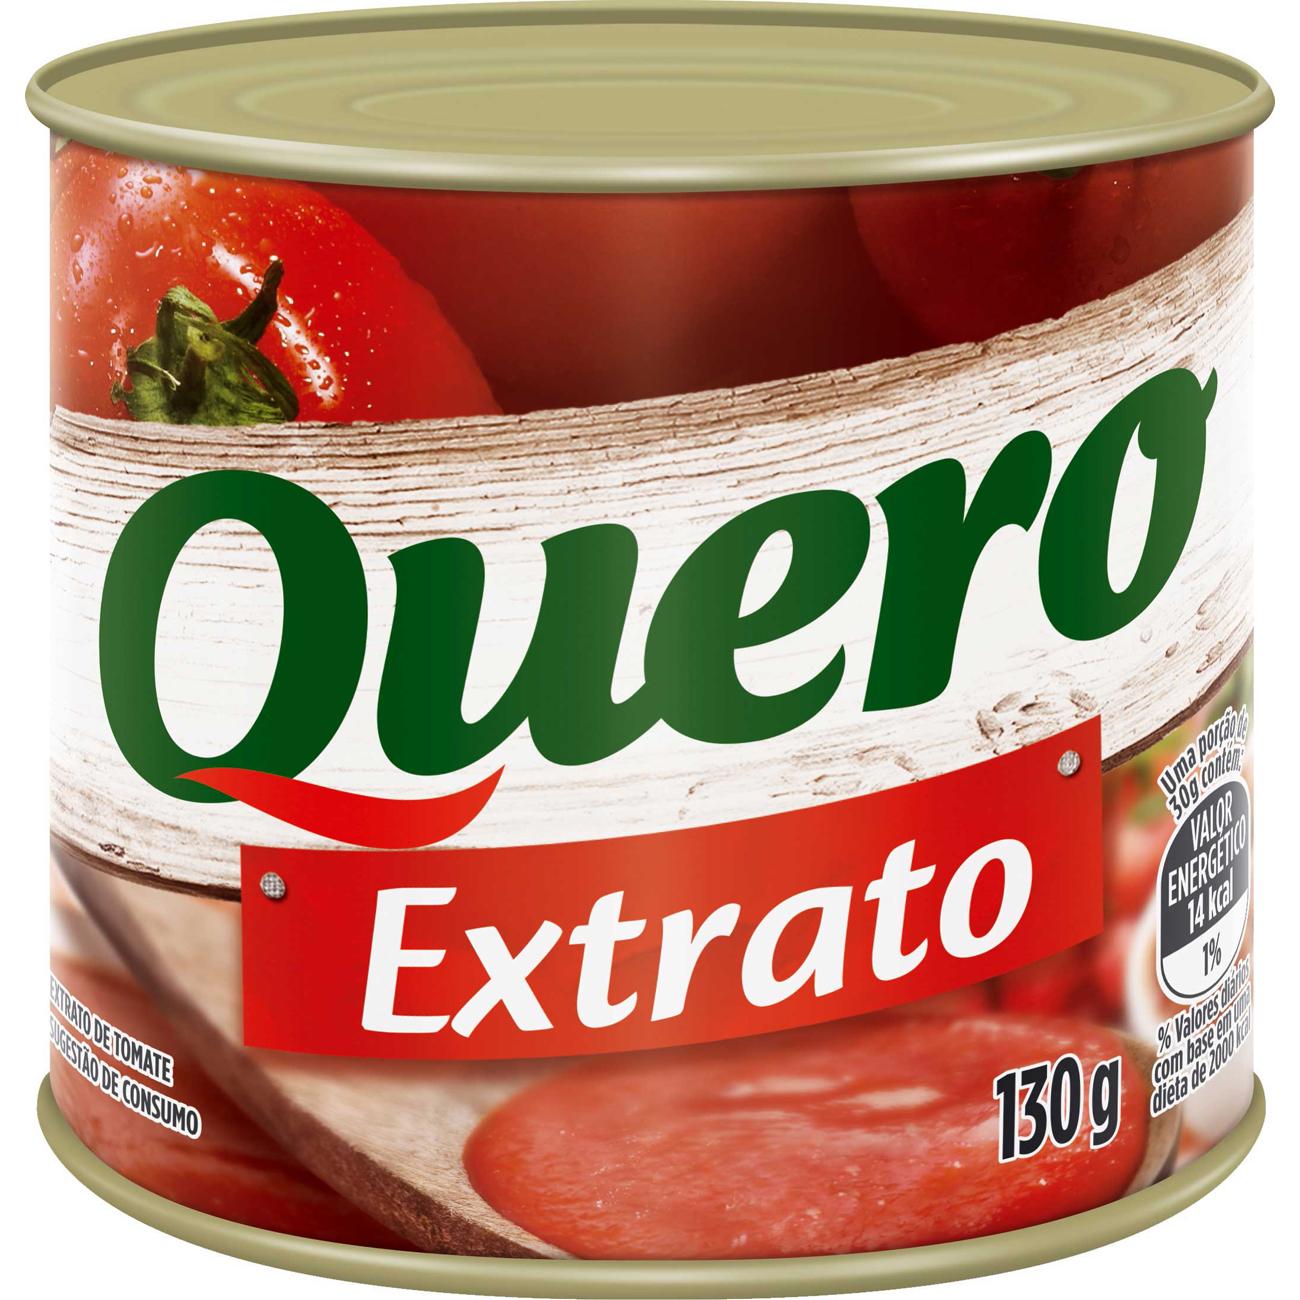 Extrato de Tomate Quero 130G L